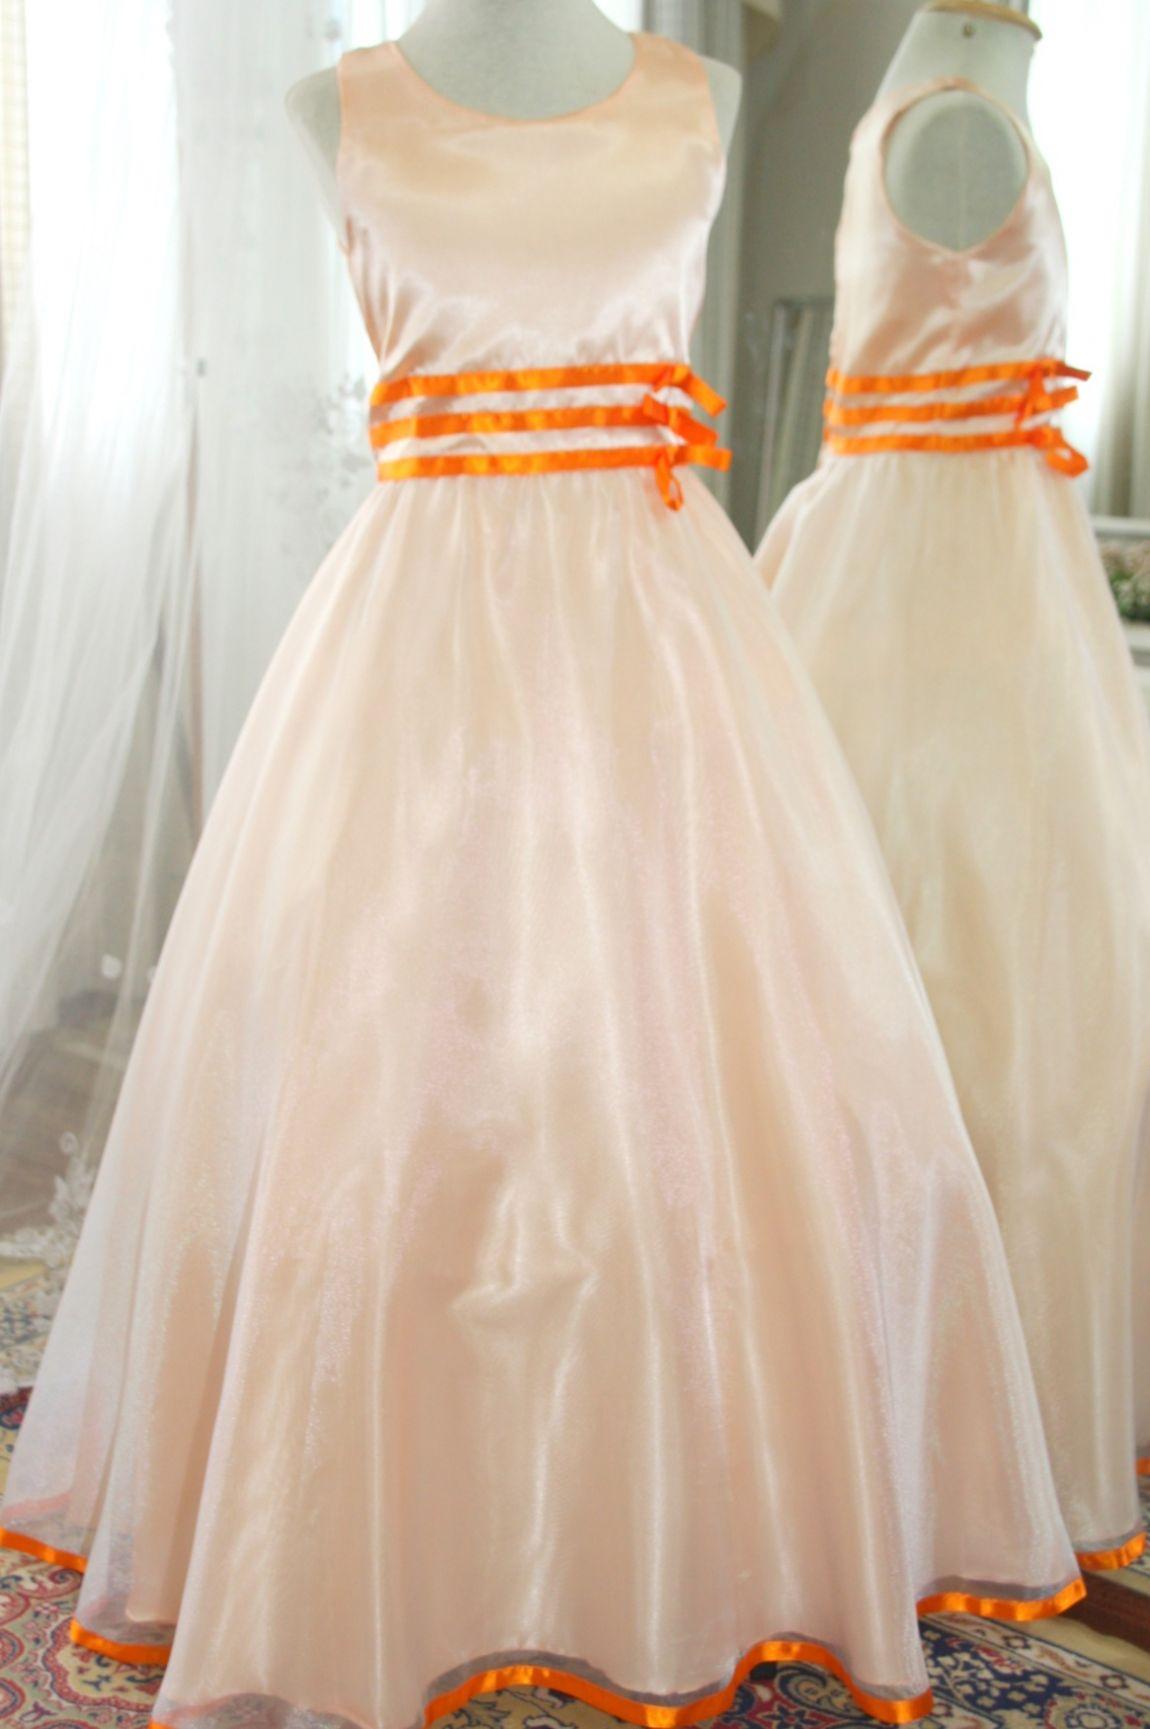 Vestidos para Daminha - 137 - Hipnose Alta Costura e Spa para Noivas e Noivos - Campinas - SP Vestido de Daminha, Vestido para Daminha de Casamento, Hipnose Alta Costura